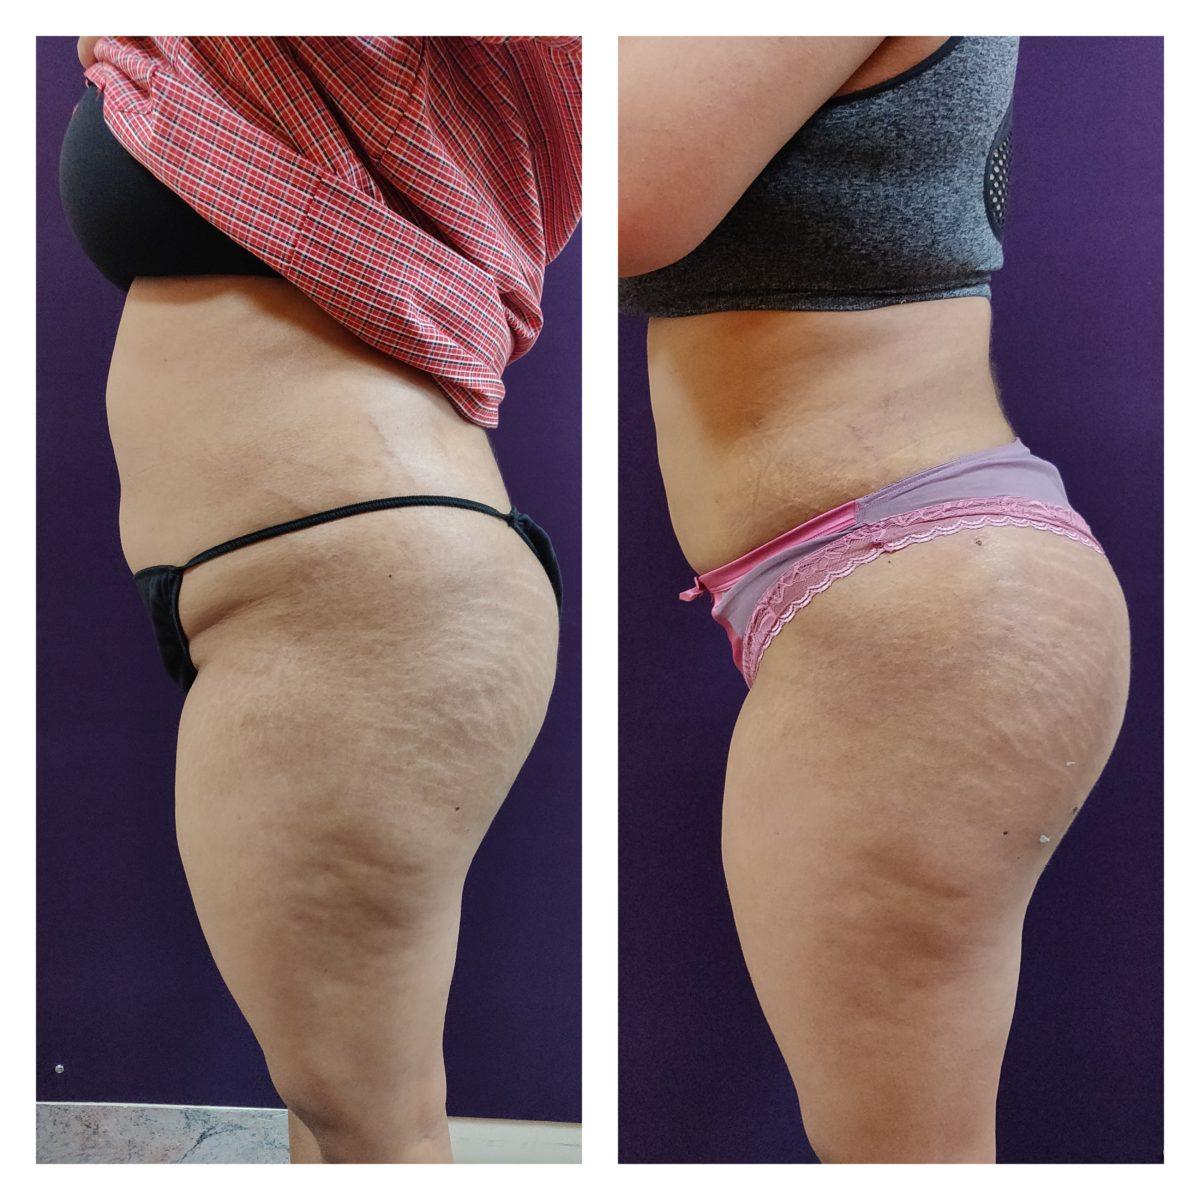 liposuction patients at The Venkat Center